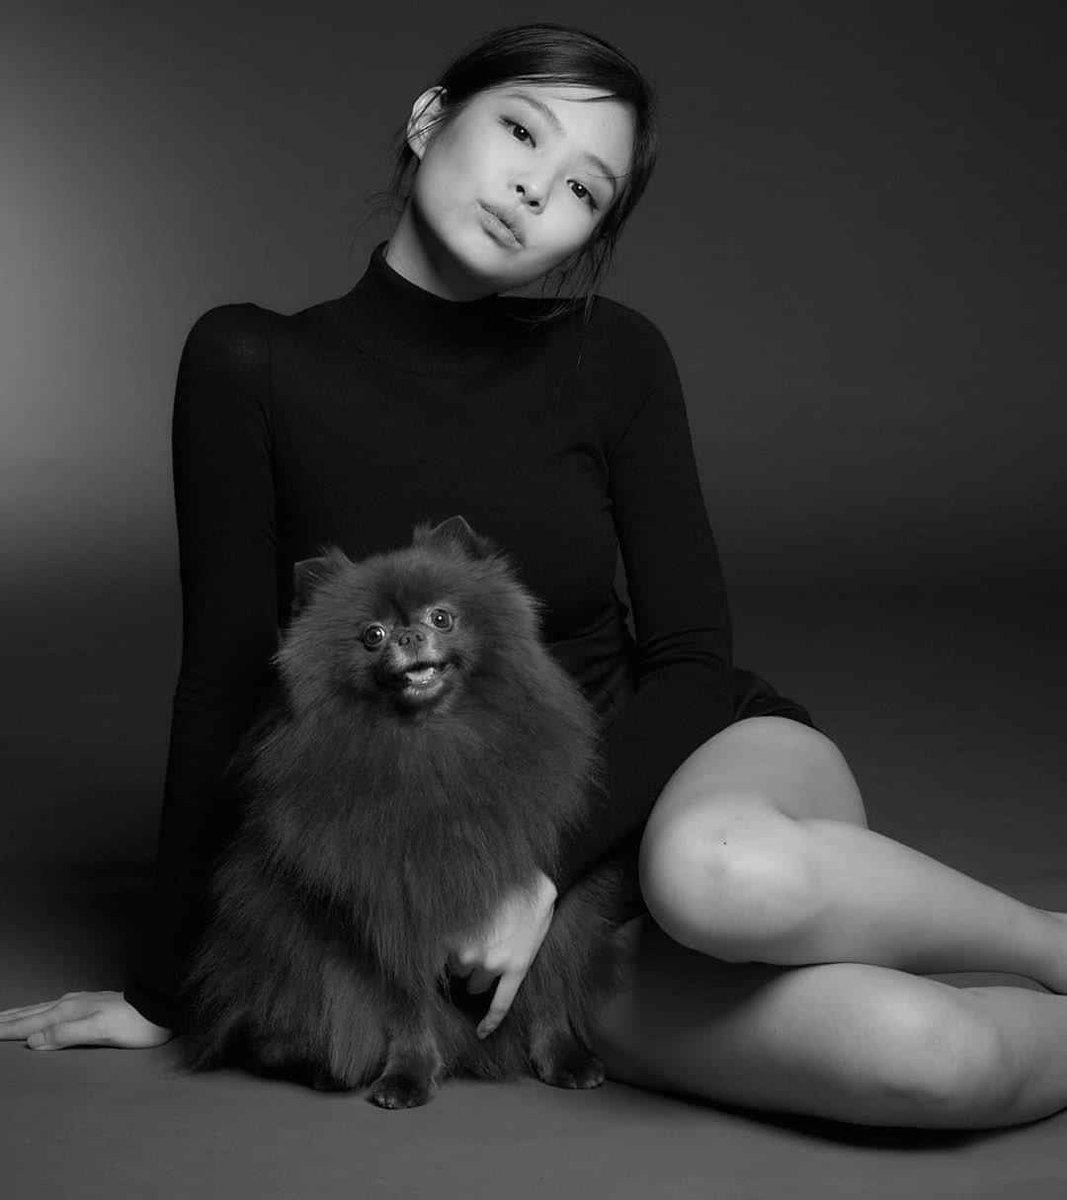 [200324] HAPPY BIRTHDAY KUKU - 200325 Chúc mừng sinh nhật Kuma - chú cún cưng của mẹ Jennie. 🎊 Cùng nhau trend hashtag để chúc mừng sinh nhật cho Kuma nhé mọi người!! ❤